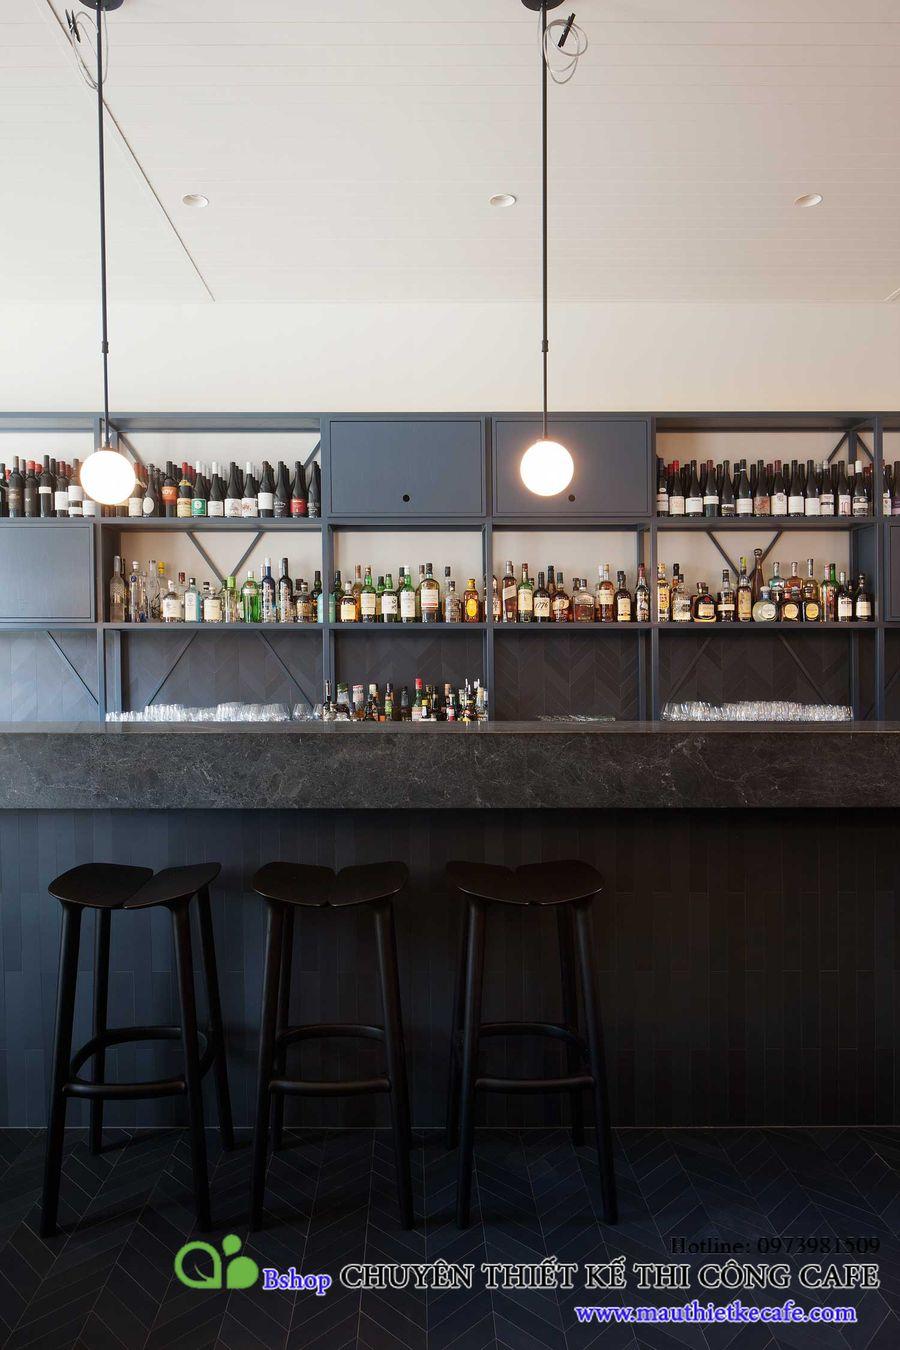 cafe bar danh cho teen (3)mauthietkecafe.com